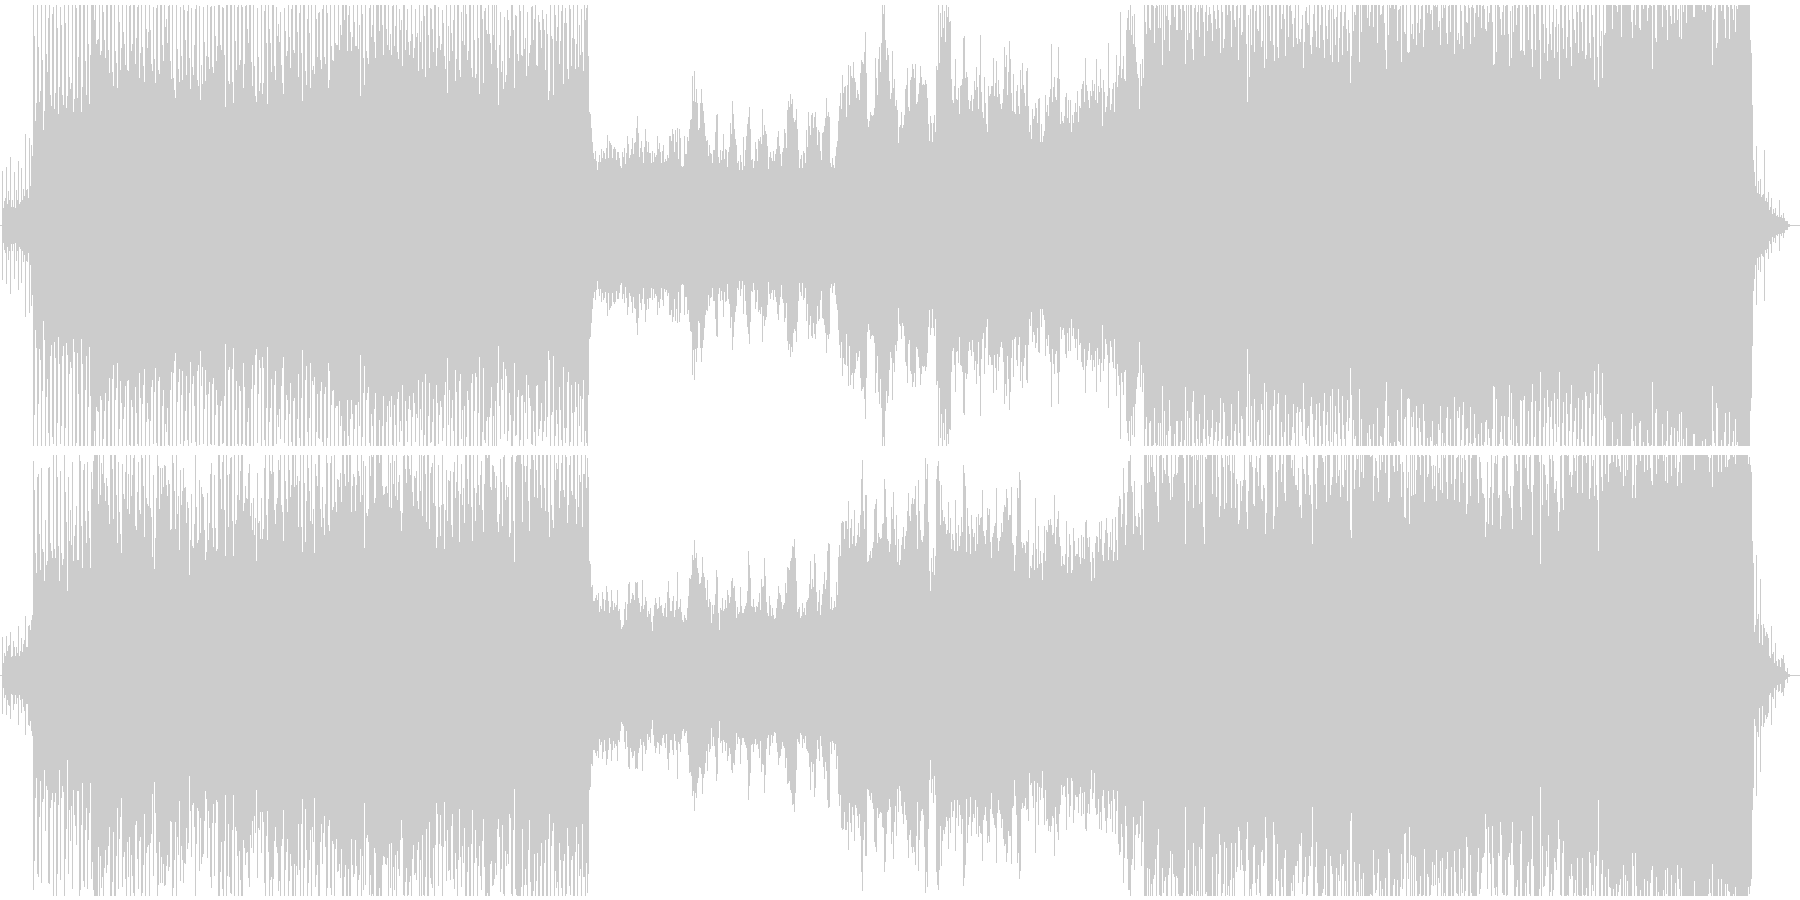 原始時代や恐竜時代のイメージの壮大な曲の未再生の波形